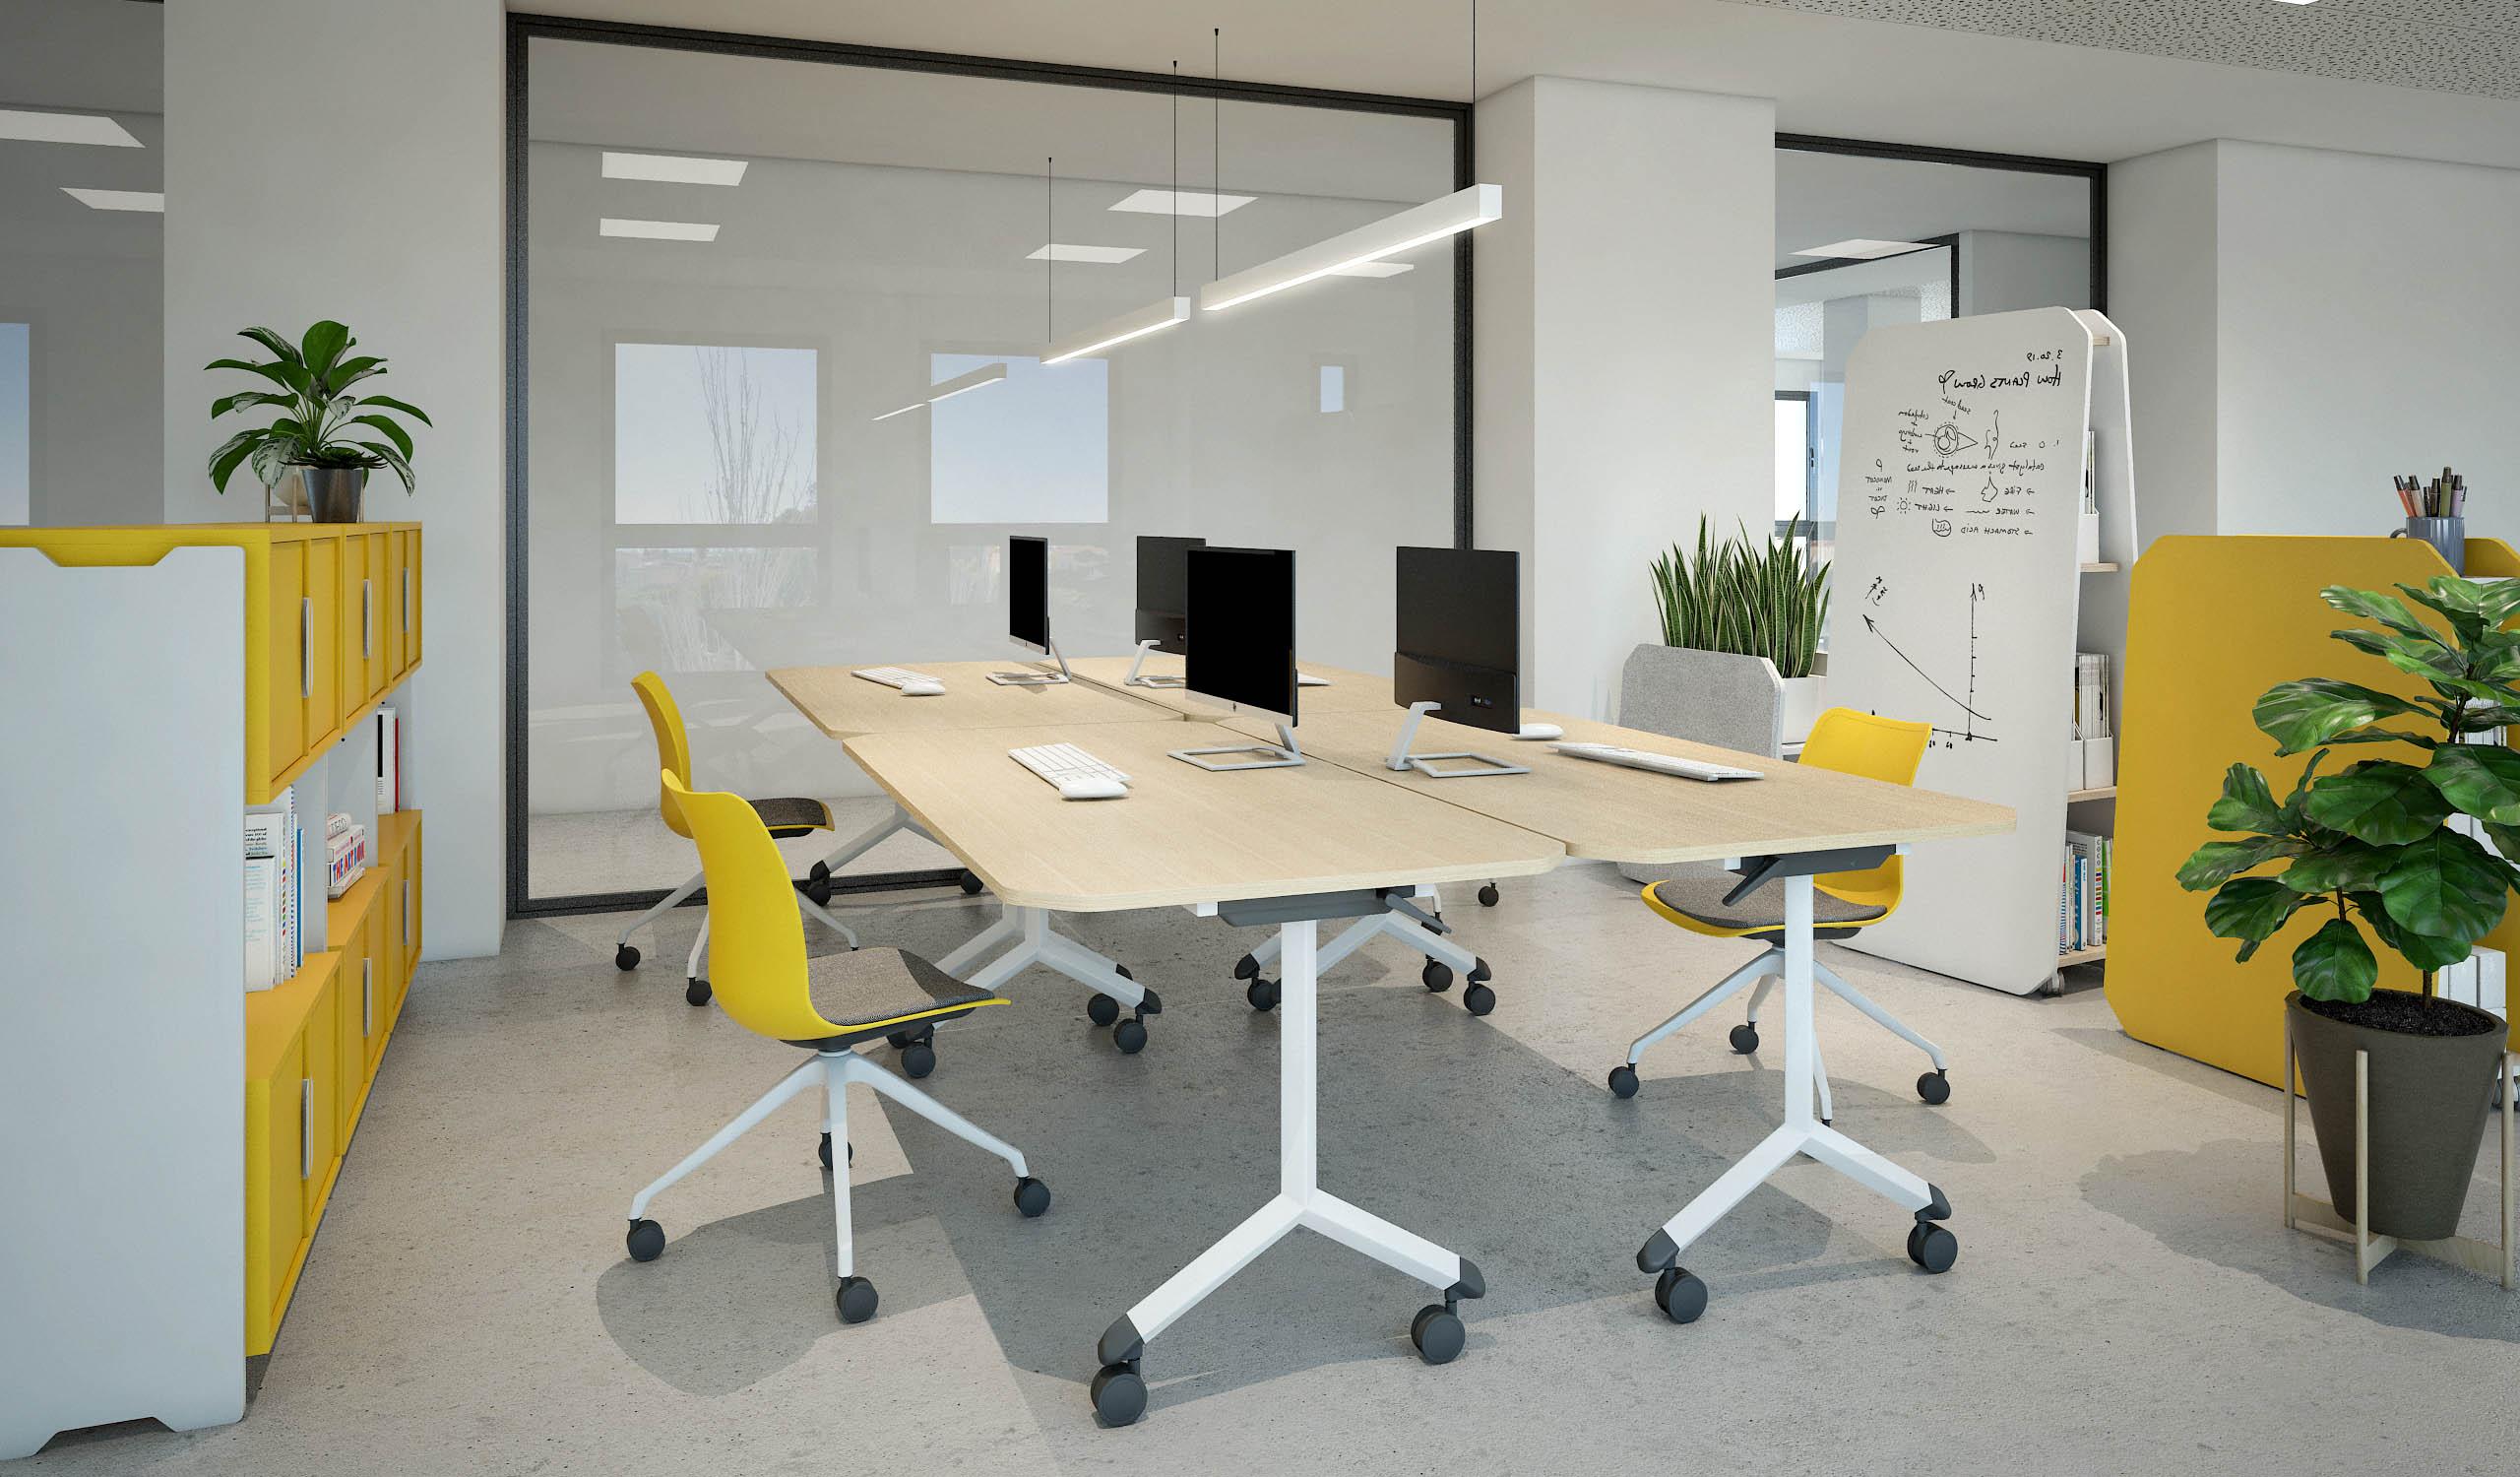 Vintiquatre Colección Tóteem Teepee Plygu Ulkia office almacenaje producto mobiliario diseño